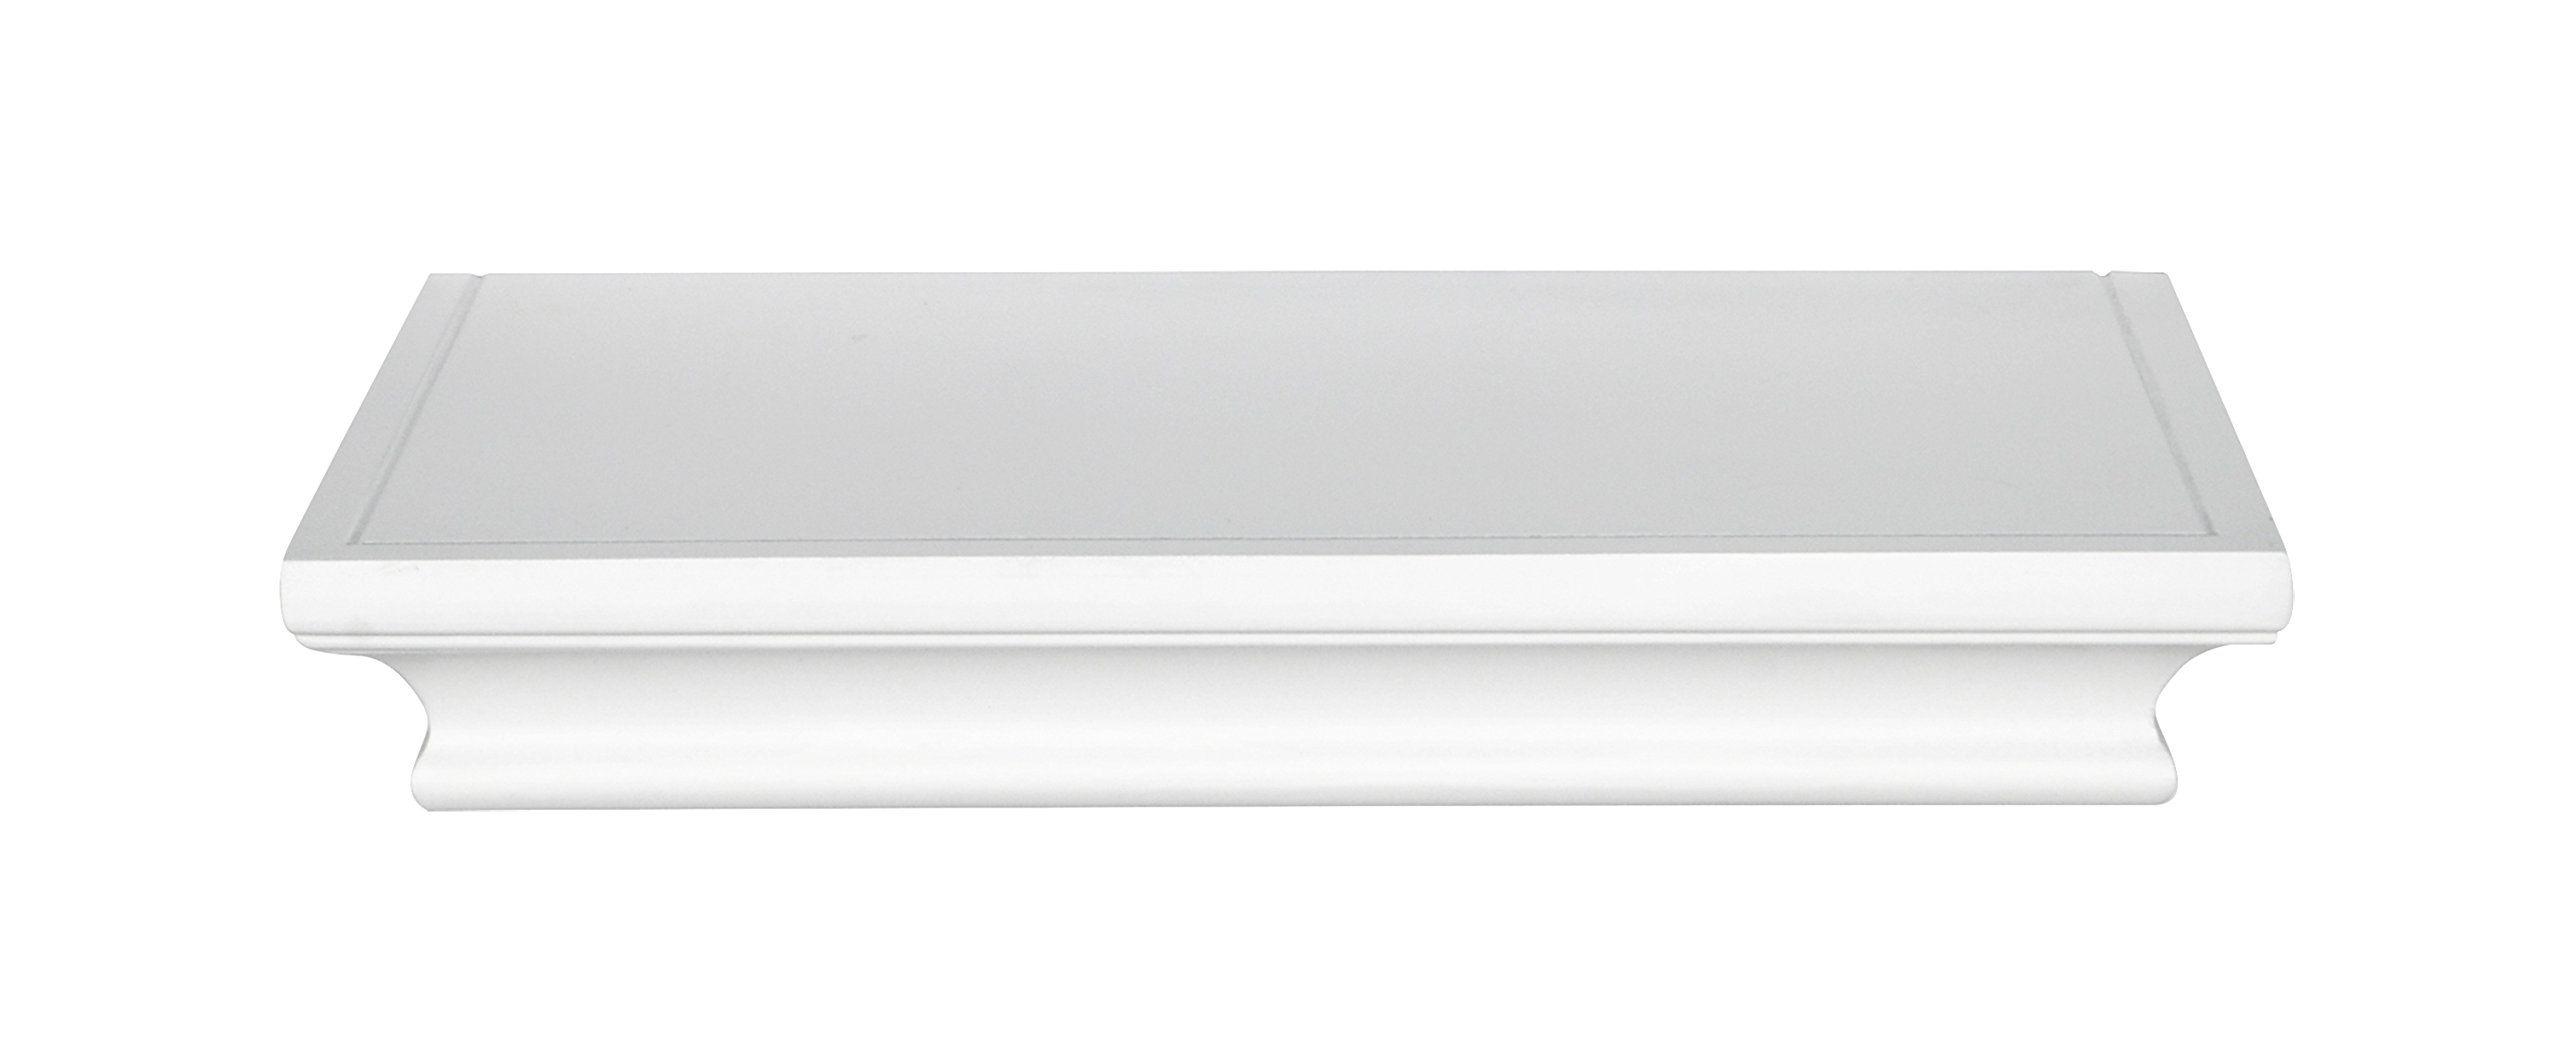 Mcs 66867 traditional style deep wall shelfledge 12 long white mcs 66867 traditional style deep wall shelfledge 12 long white finish amipublicfo Choice Image